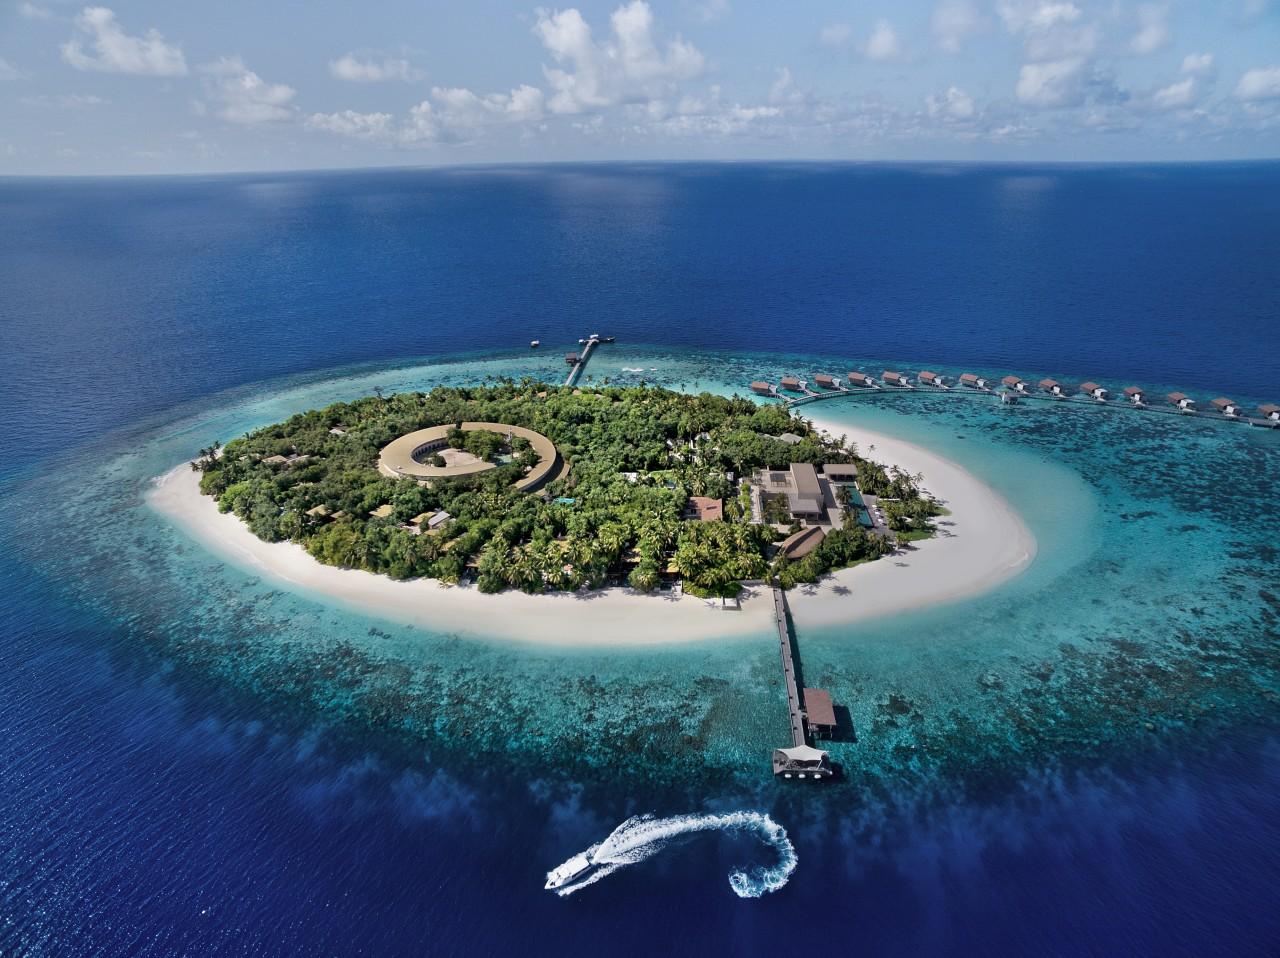 Park Hyatt Maldives Hadahaa 5*Deluxe